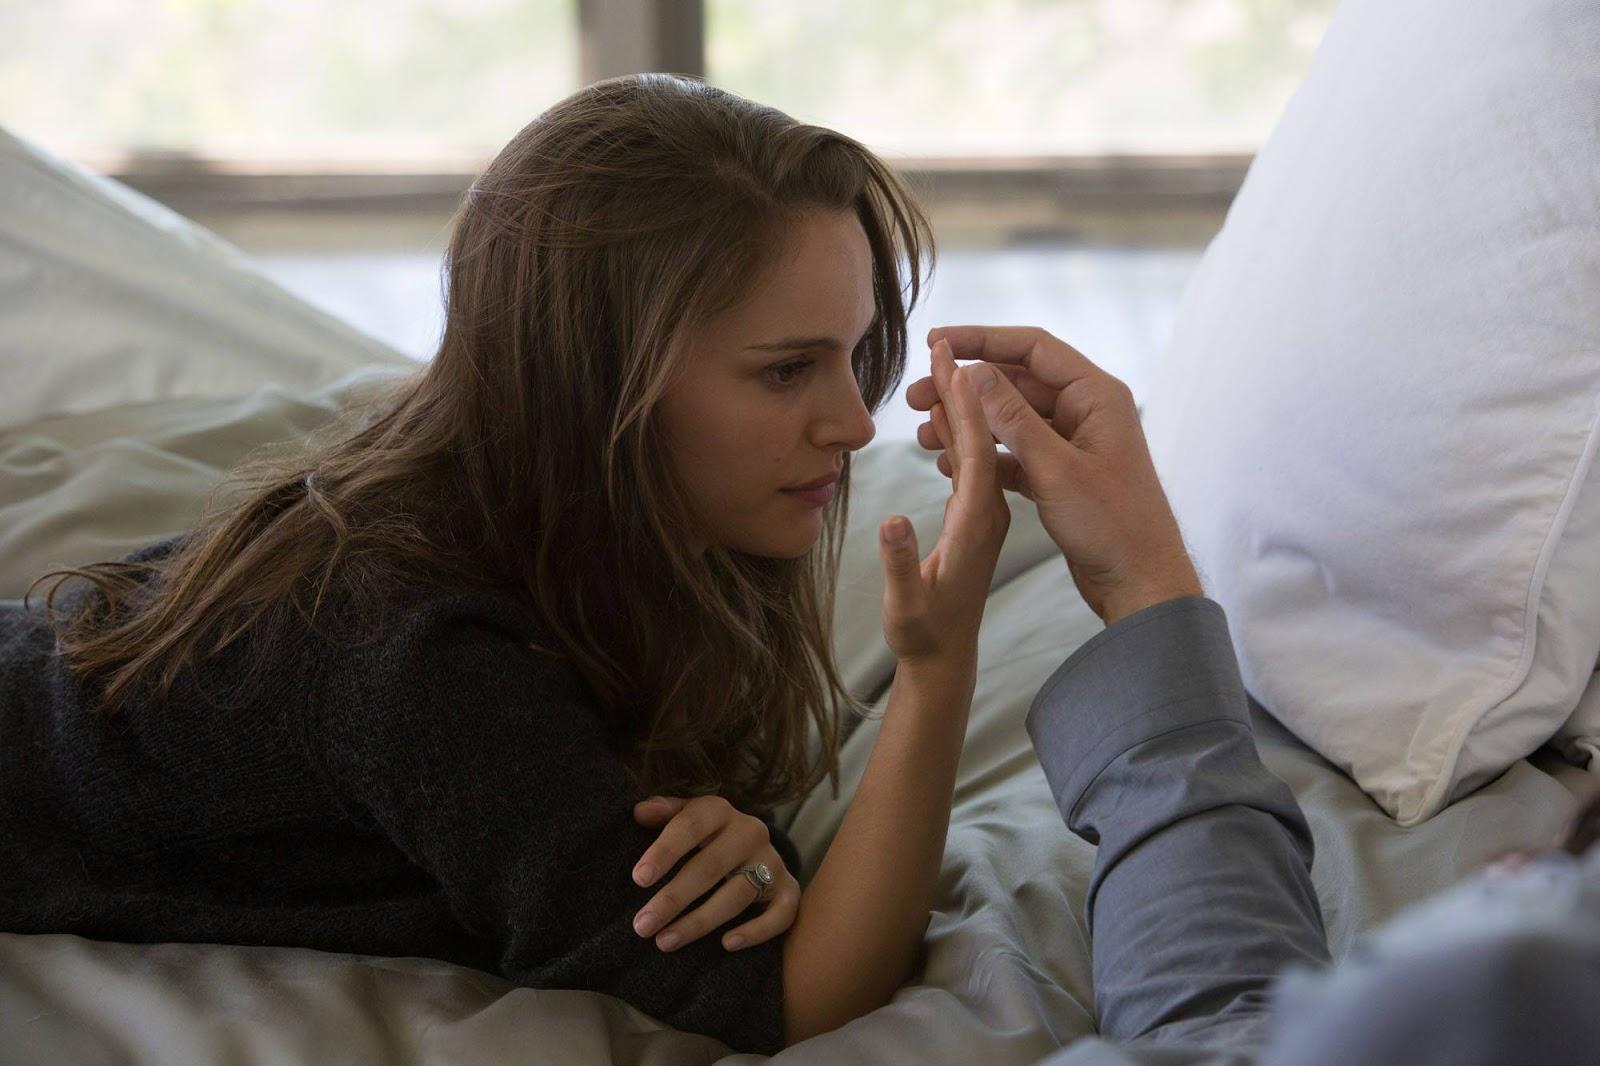 Natalie Portman Hot in Bed Wallpaper HD